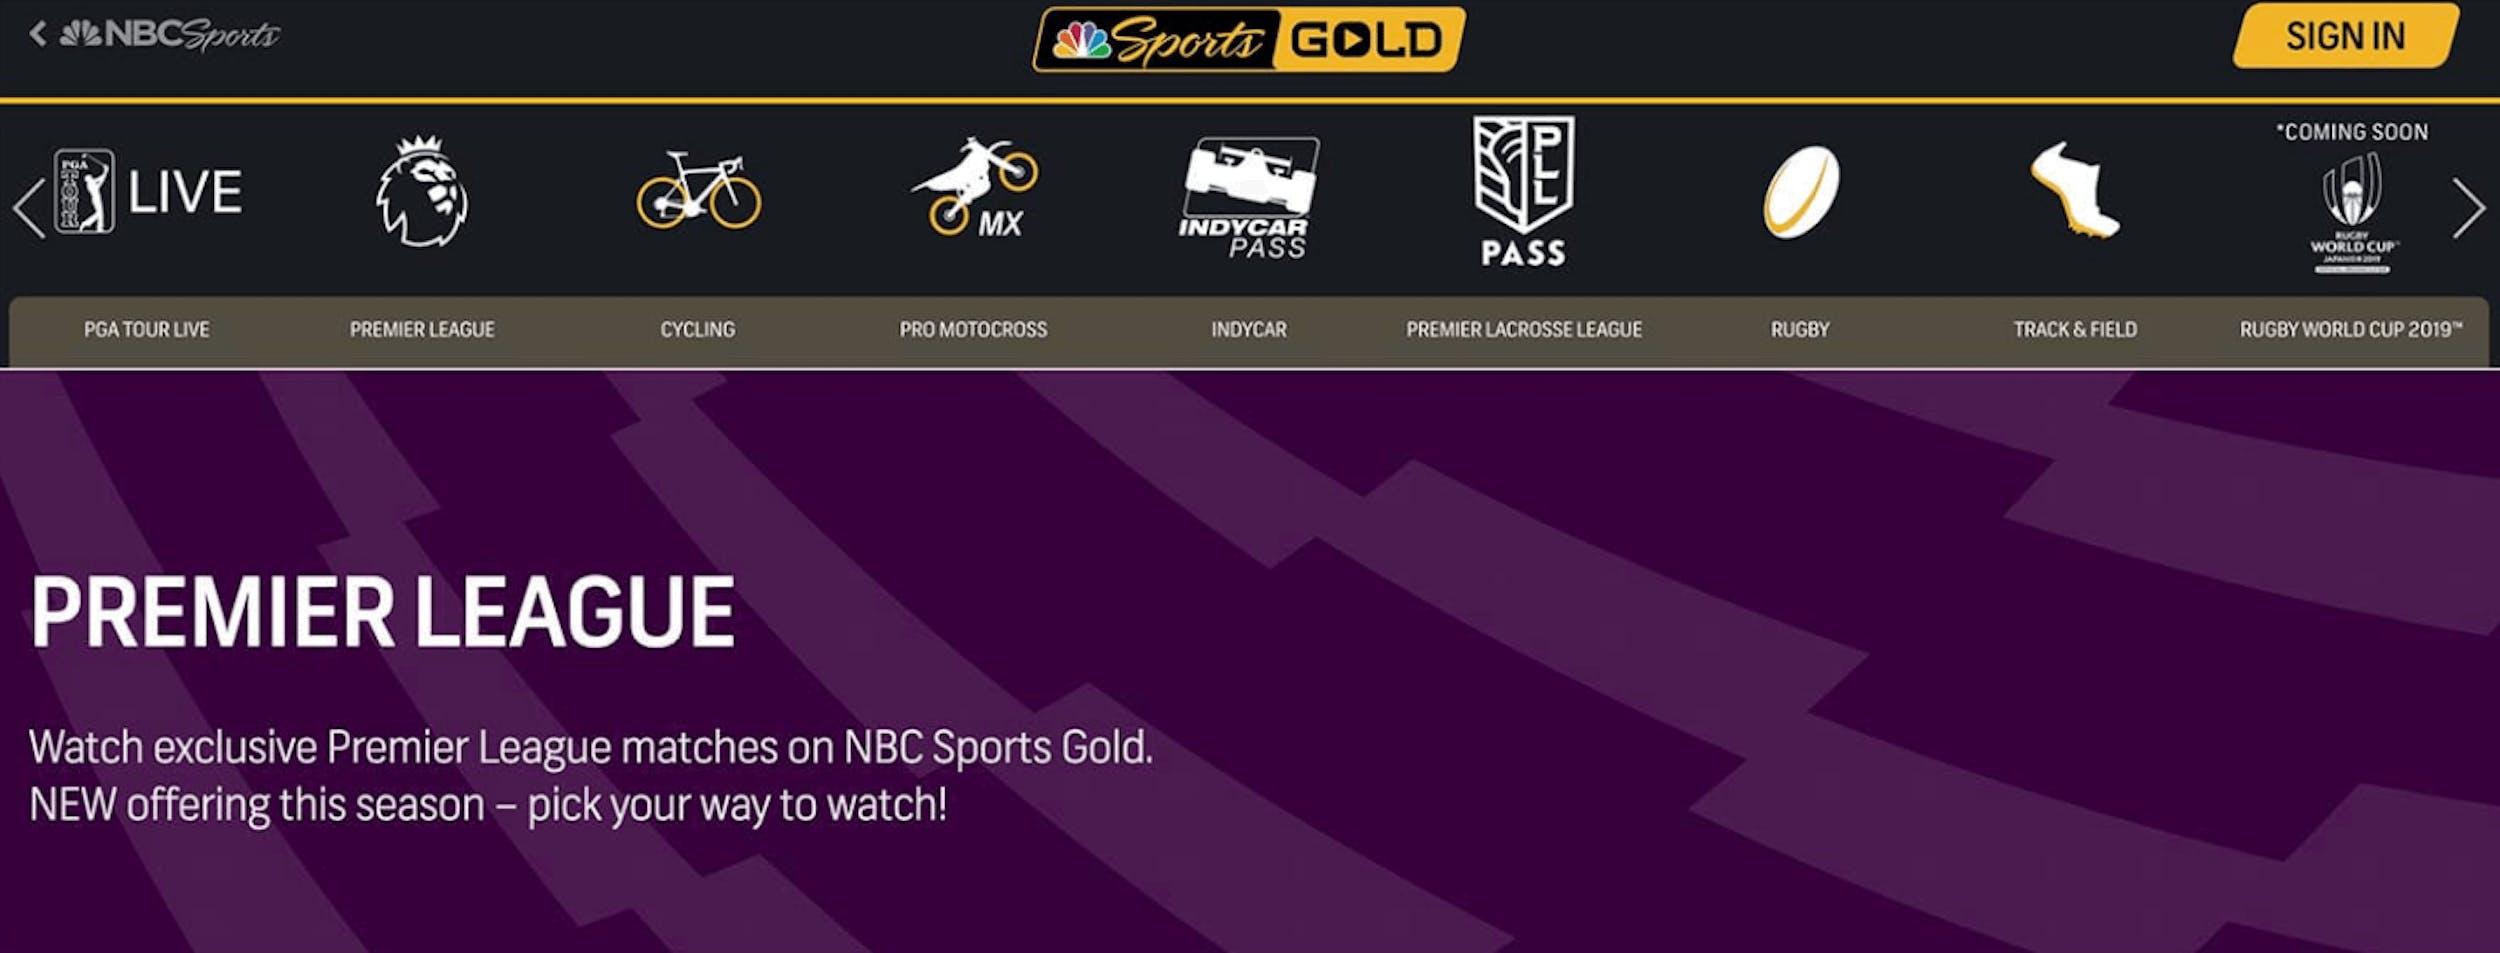 liverpool vs brighton live stream nbc sports gold